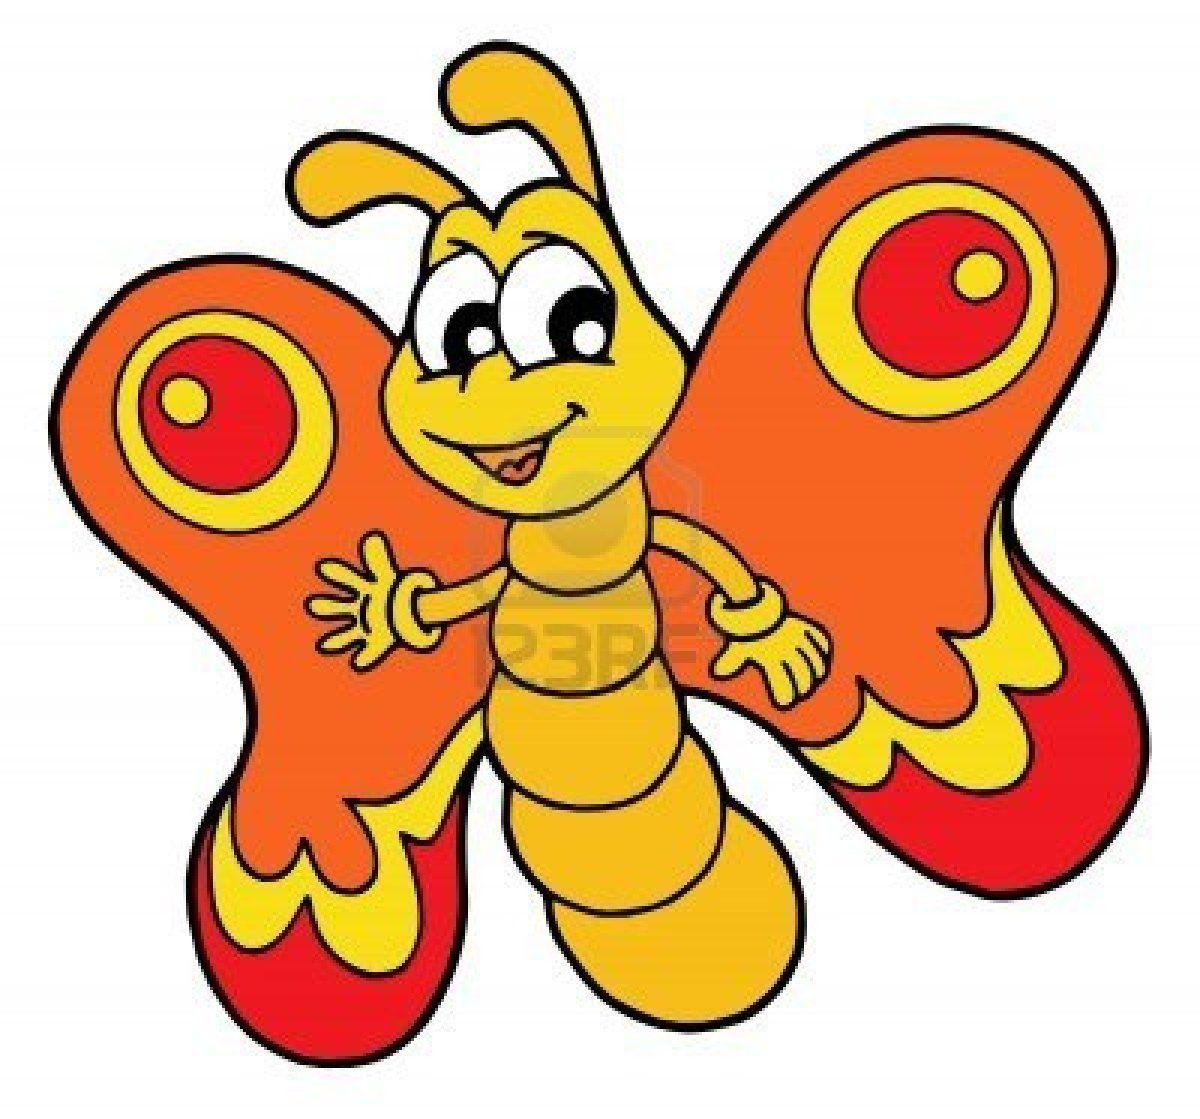 Dessin en couleurs imprimer animaux insectes papillon num ro 165866 papillons et - Animaux a imprimer en couleur ...